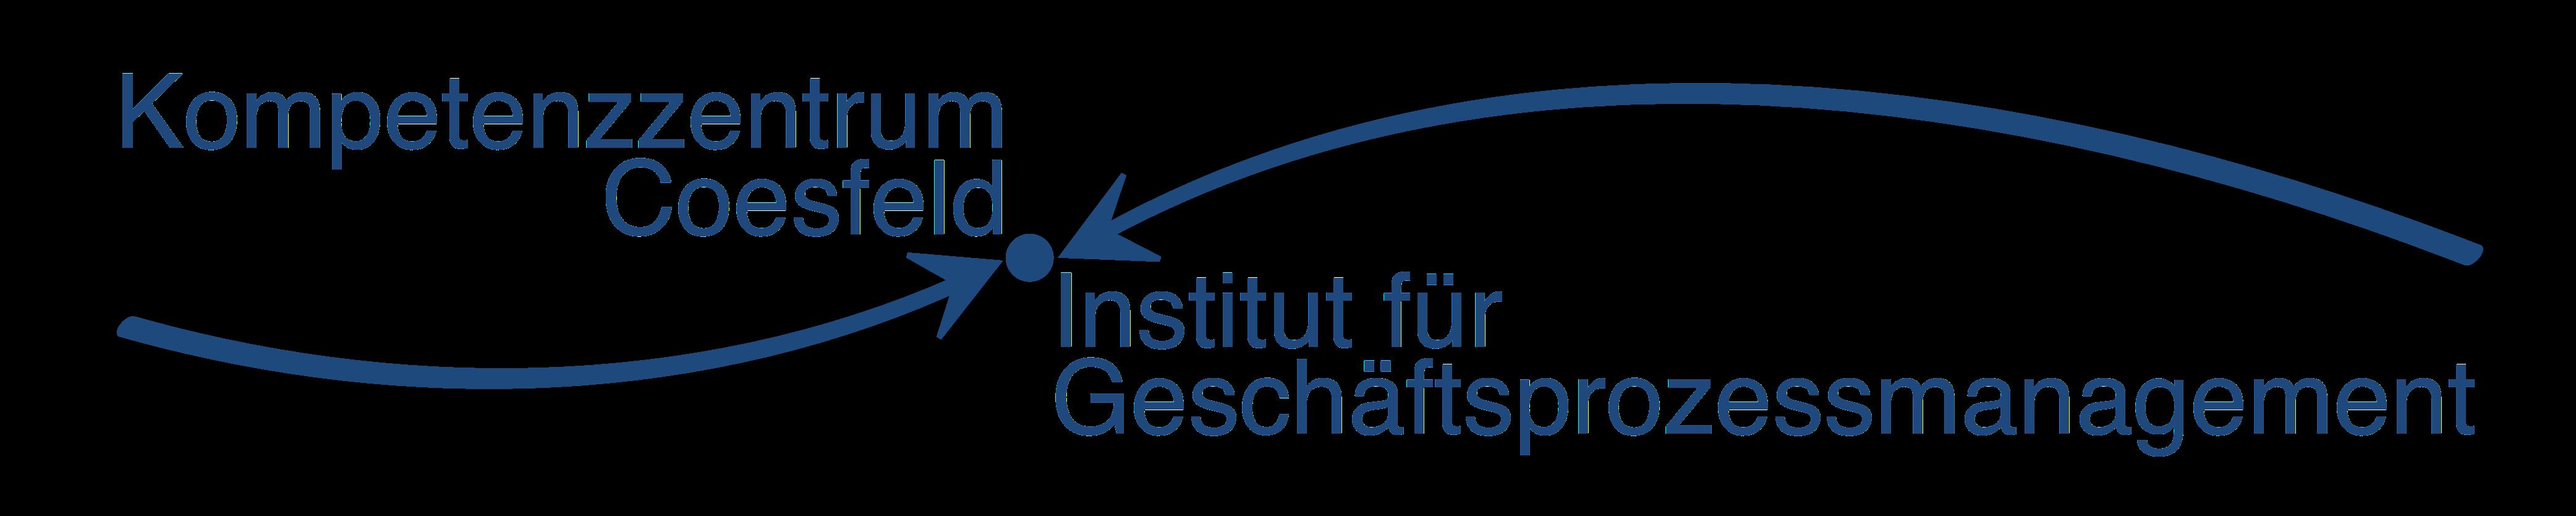 Kompetenzzentrum Coesfeld bietet Weiterbildungen an